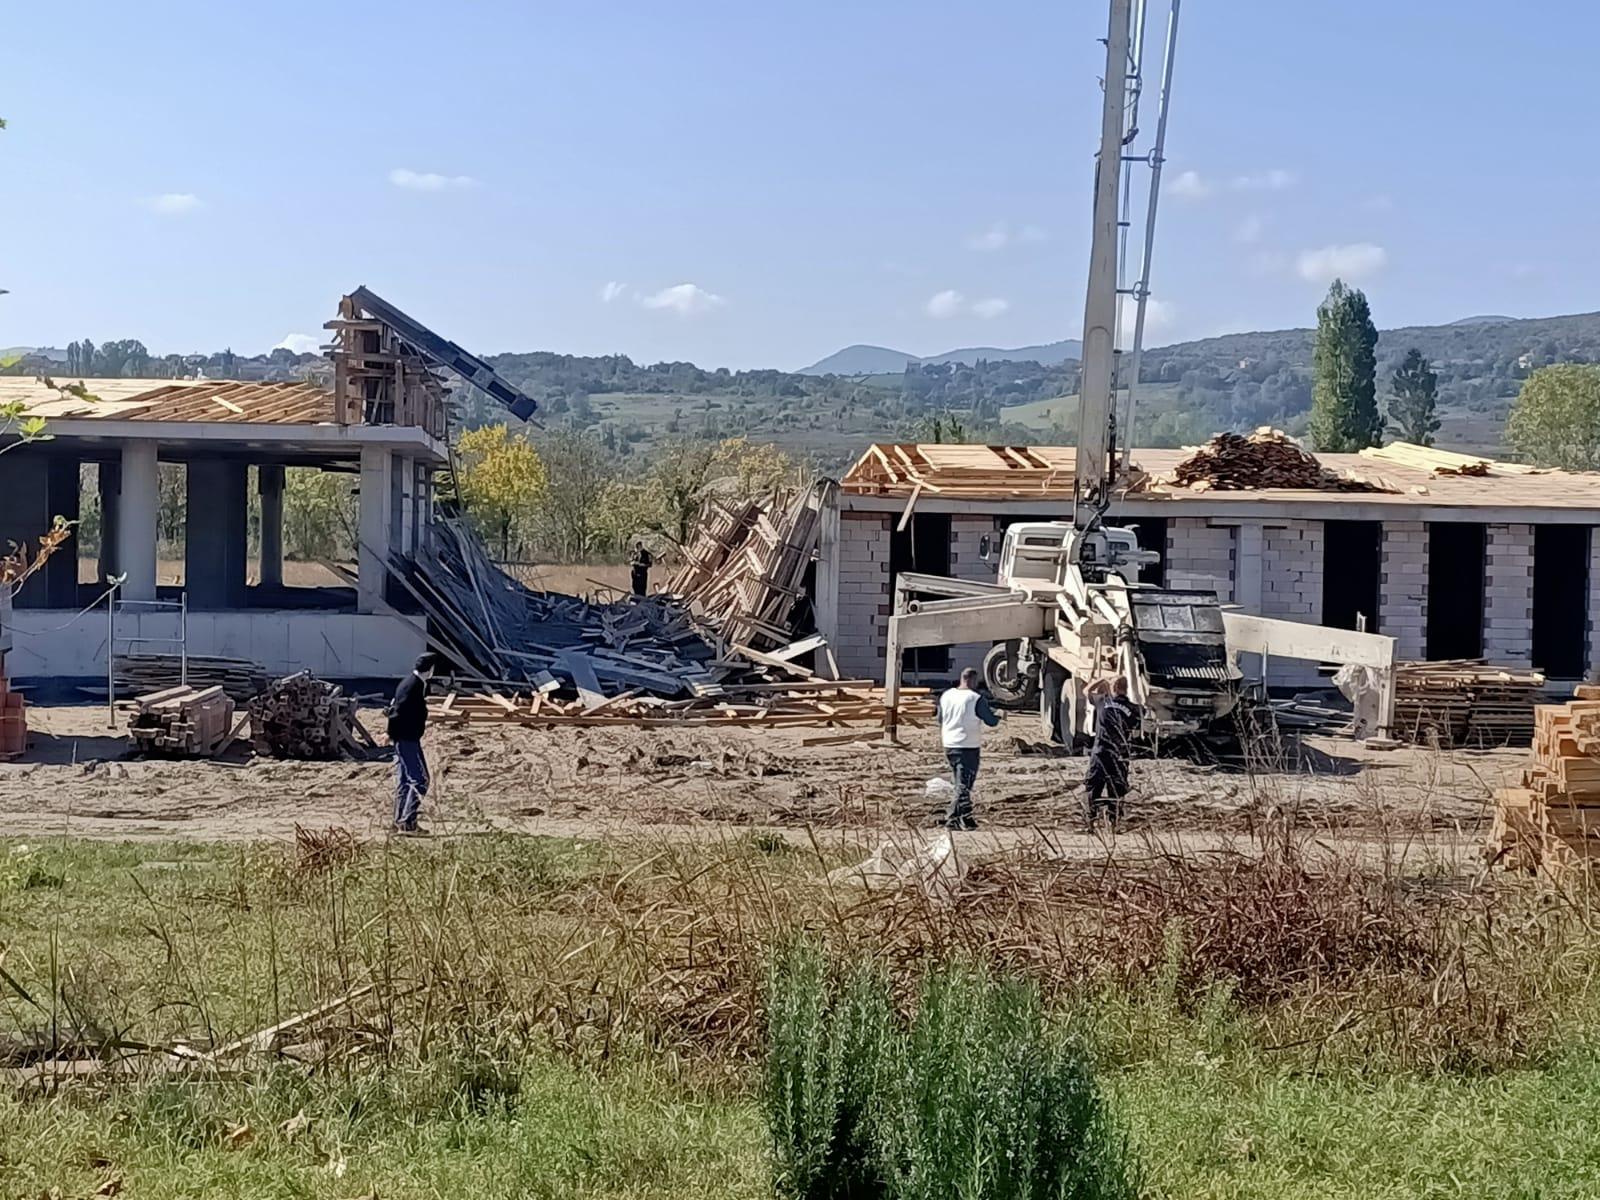 Zonguldak'ta iş cinayeti: Bülent Ecevit Üniversitedeki inşaat çöktü: 1 işçi öldü, 1 işçi yaralı